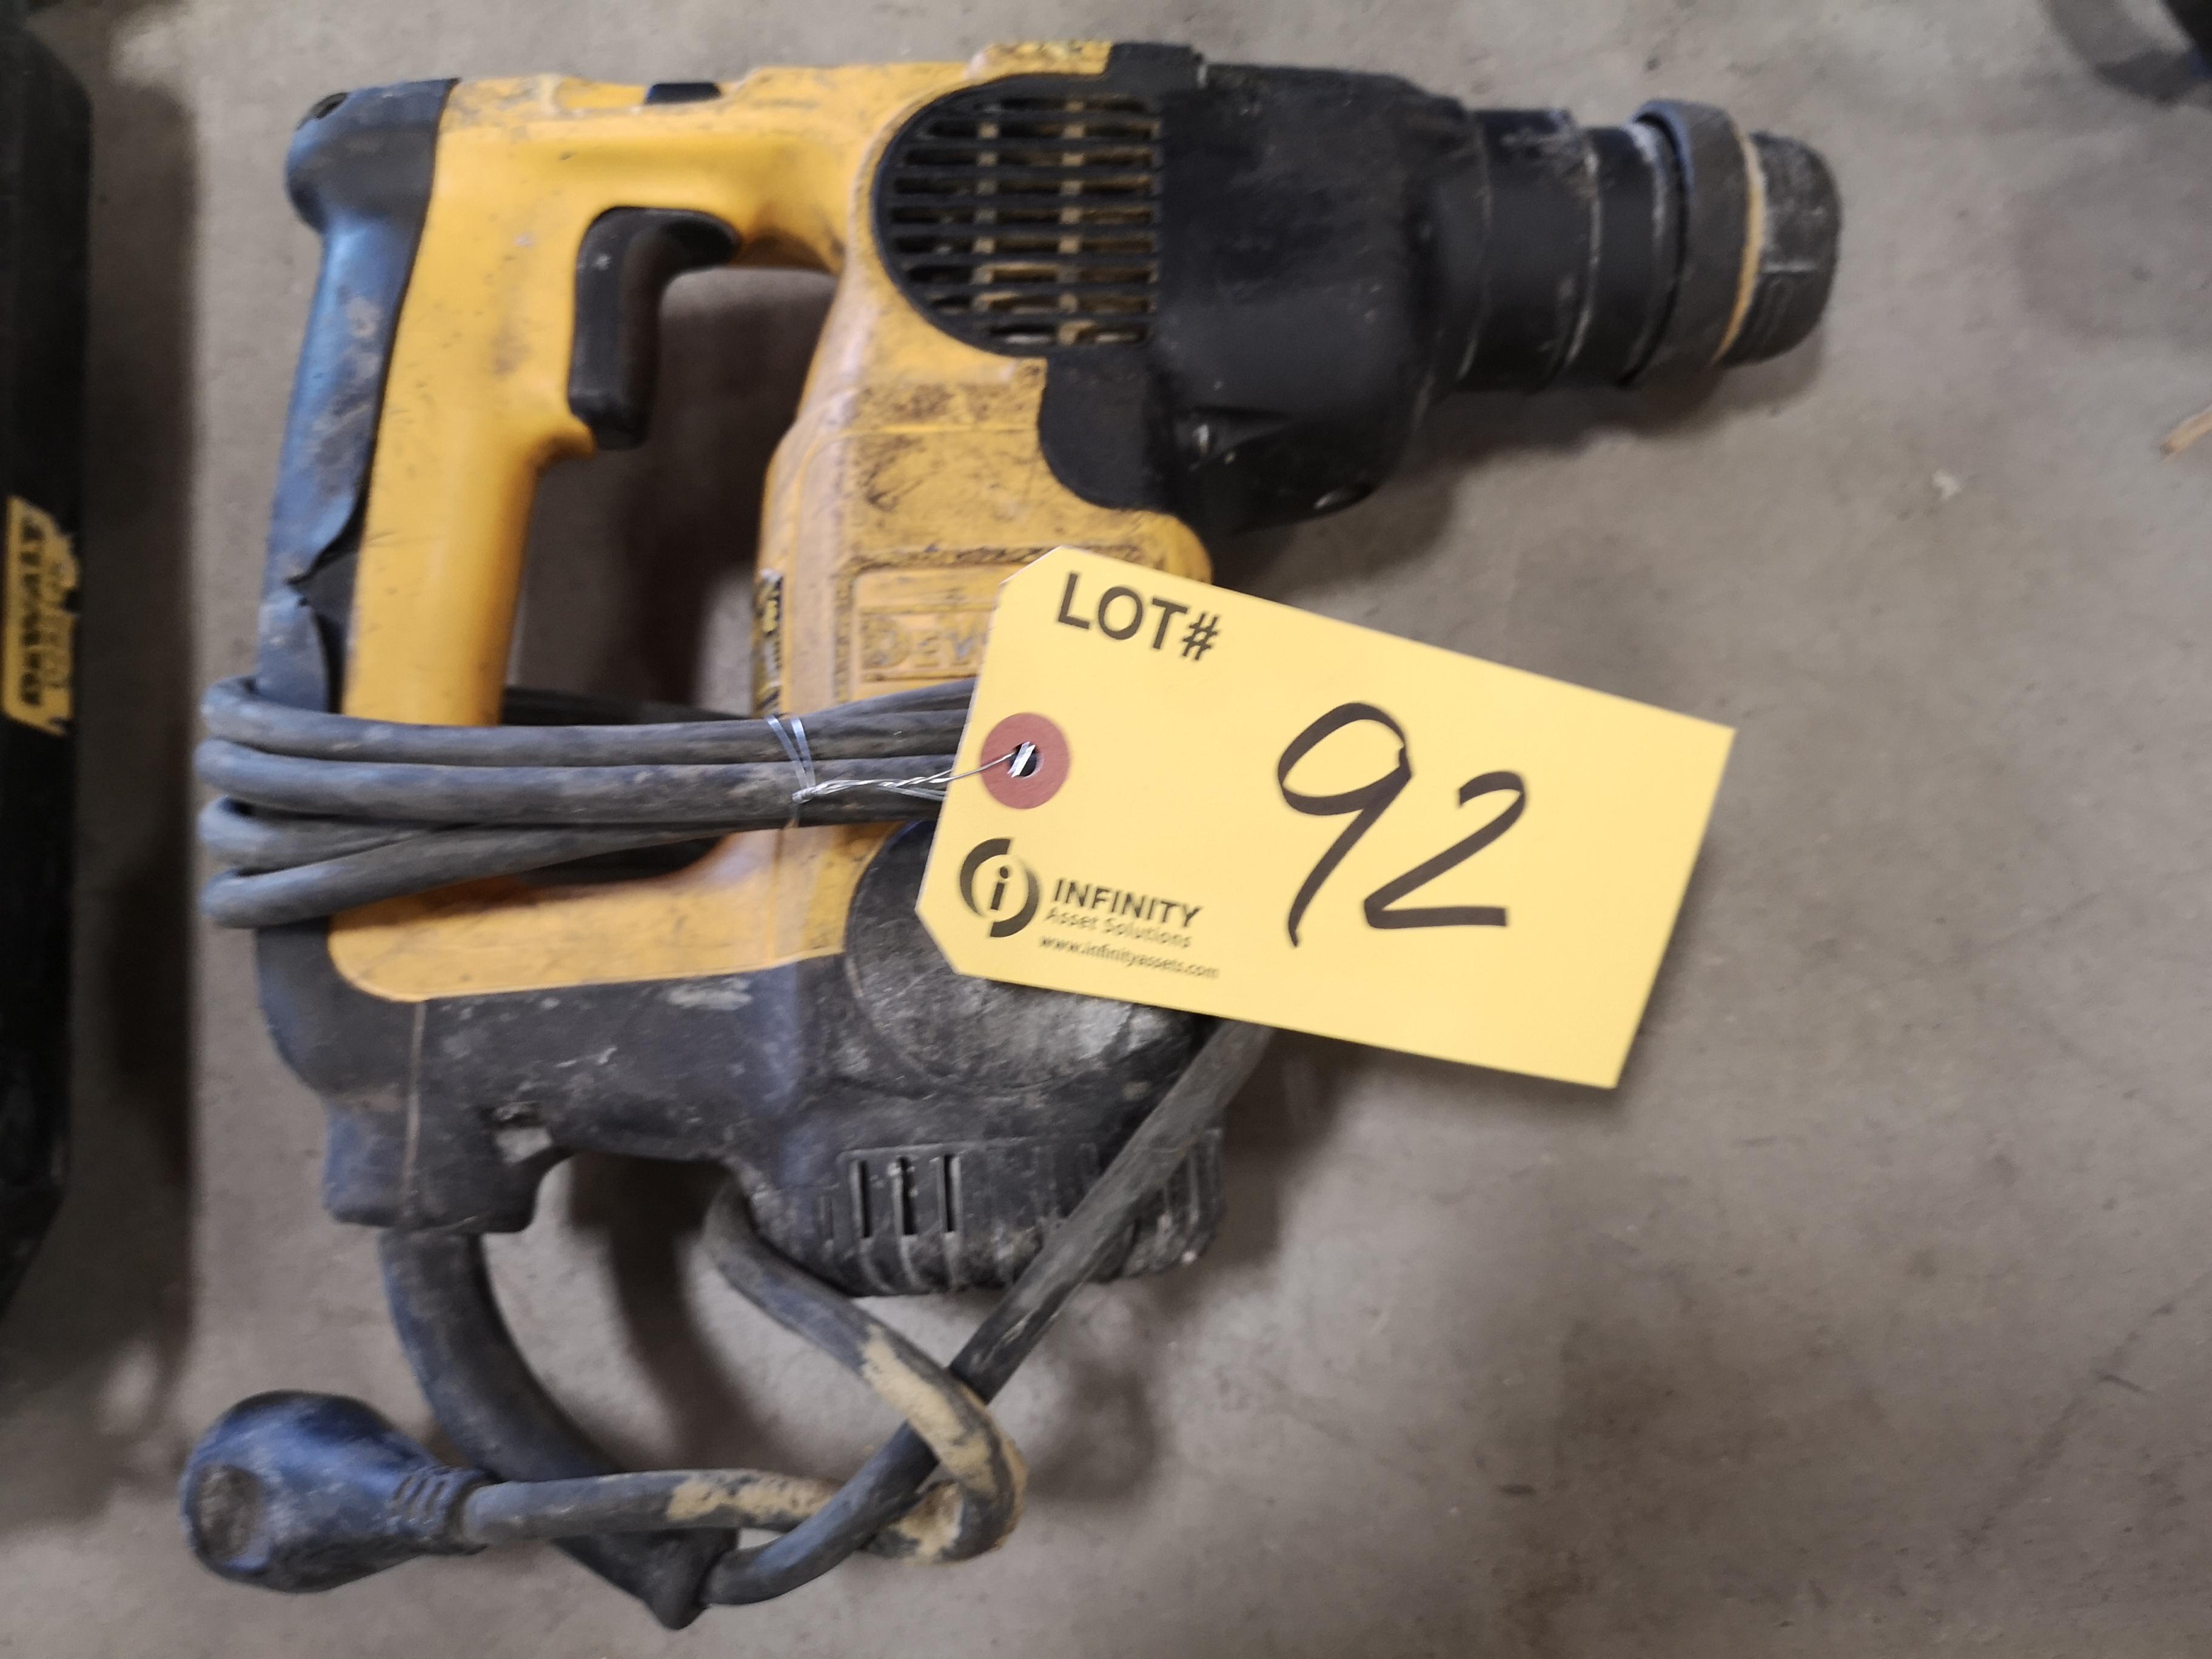 DEWALT D25313 L-SHAPE THREE MODE SDS ROTARY HAMMER DRILL (LOCATED AT 1135 STELLAR DRIVE,